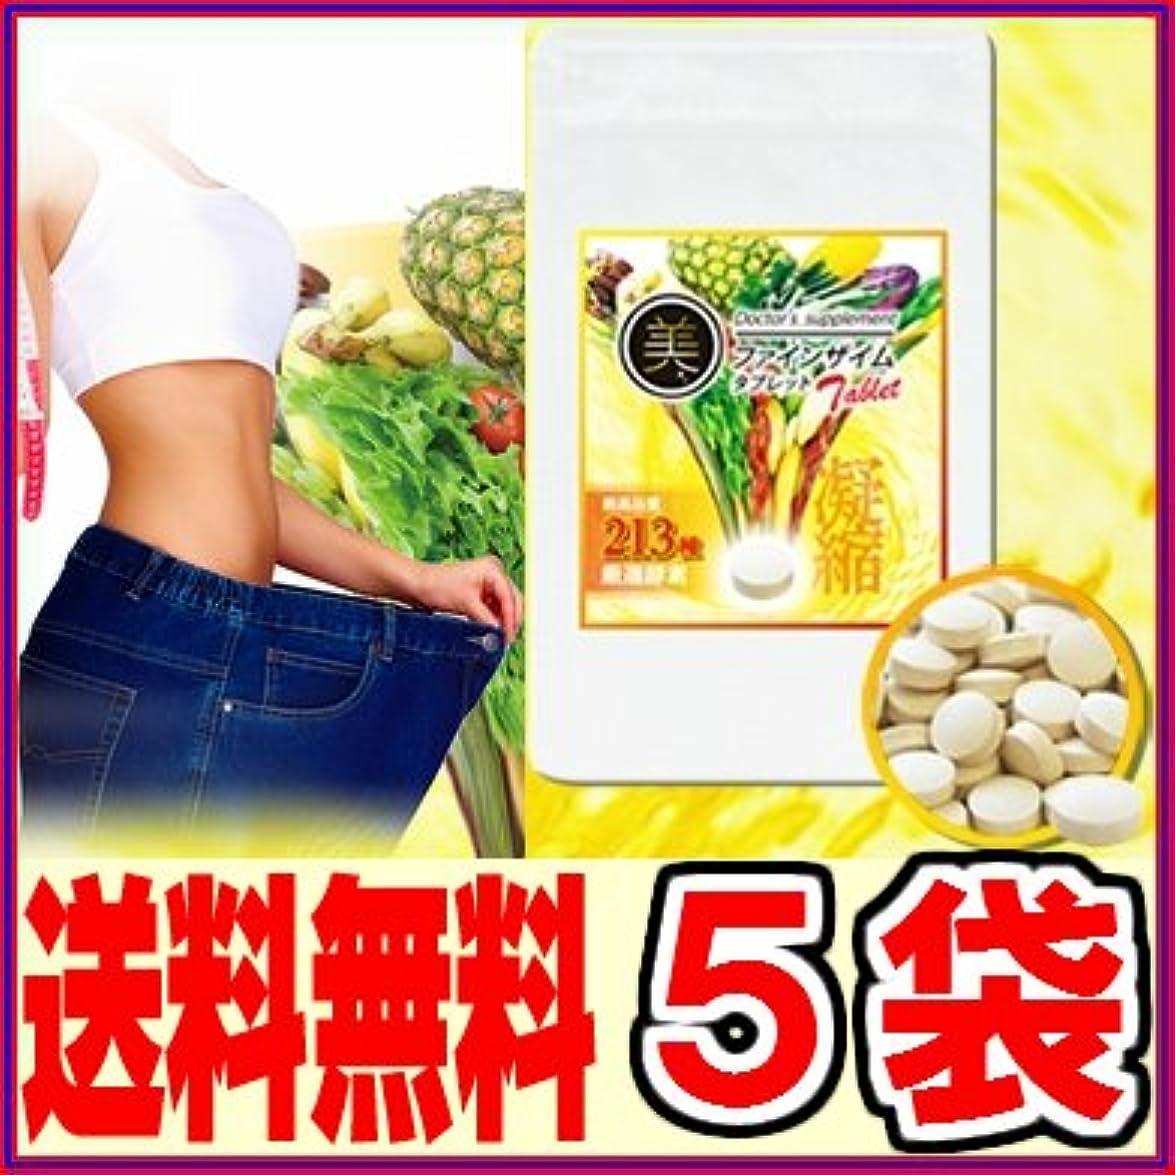 テレックス徹底的にデンマーク美?ファインザイム タブレット90粒 ×超お得5袋セット《酵素、ダイエット、エステ、213種酵素、酵素ダイエット、マイクロ、リコピン、レスベラトロール》